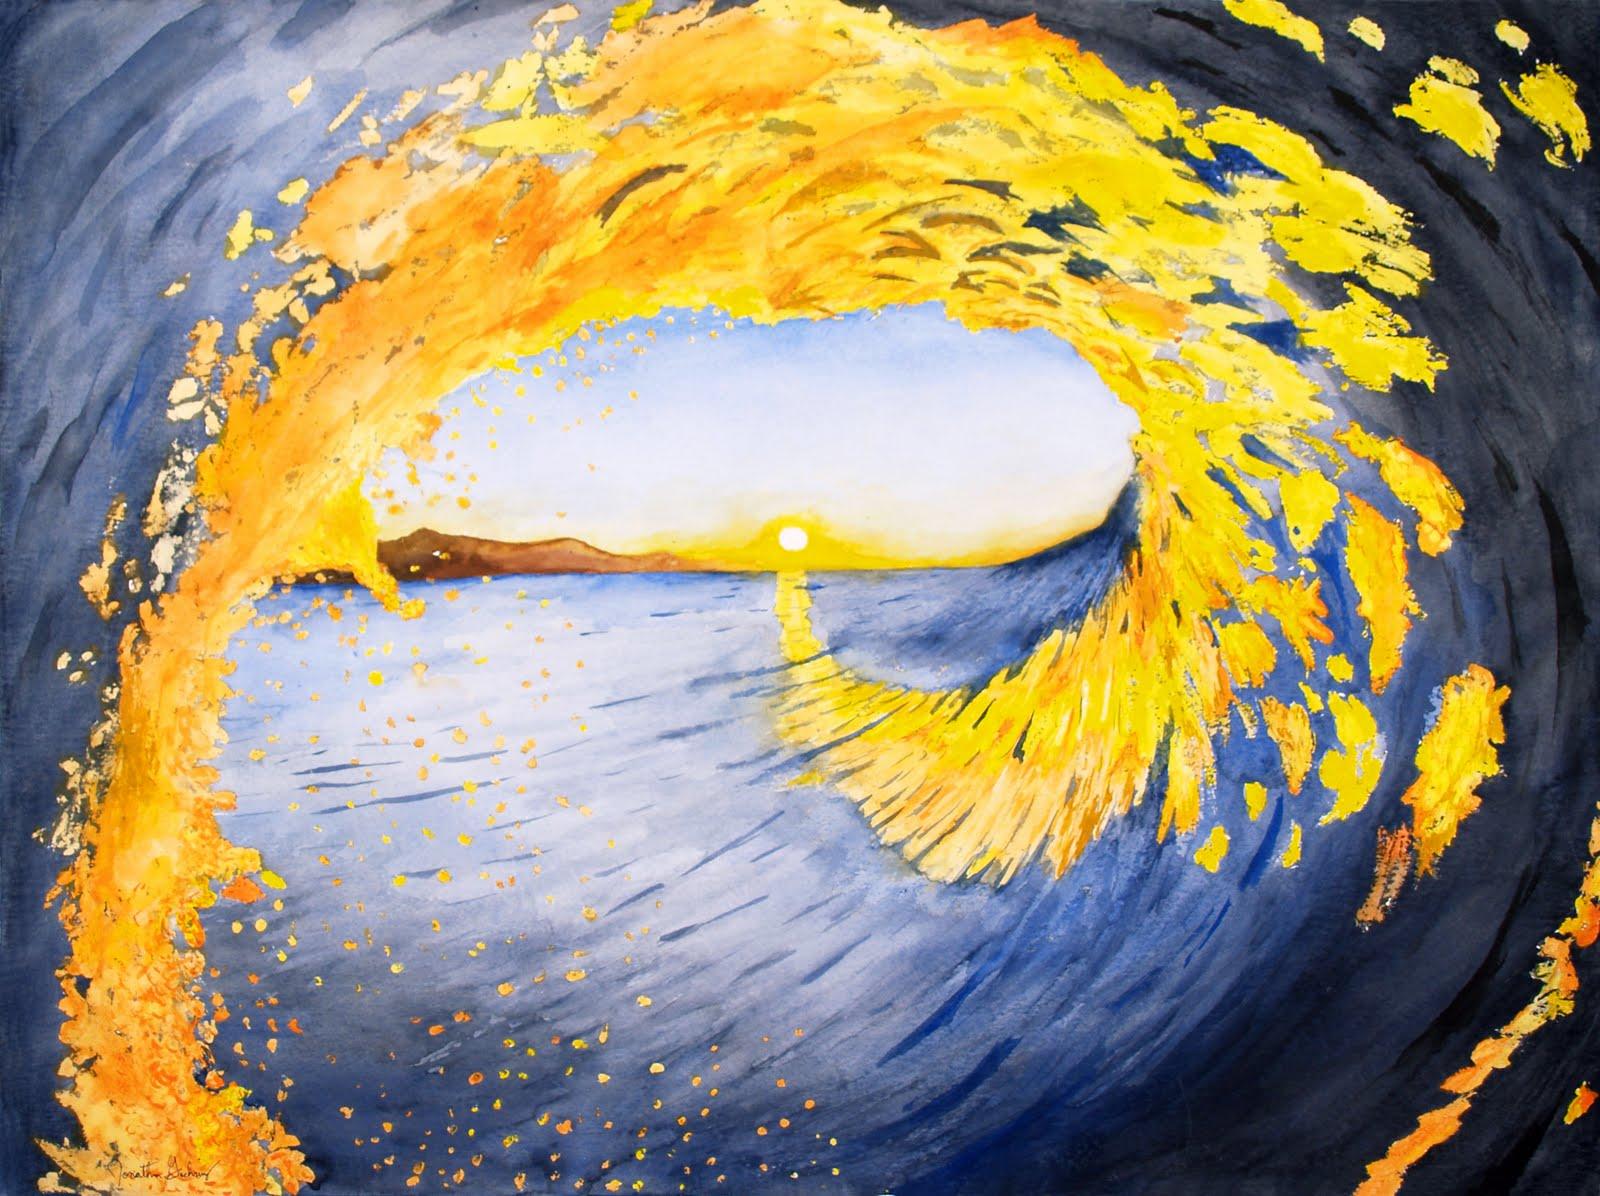 #8 Spiral Sunset